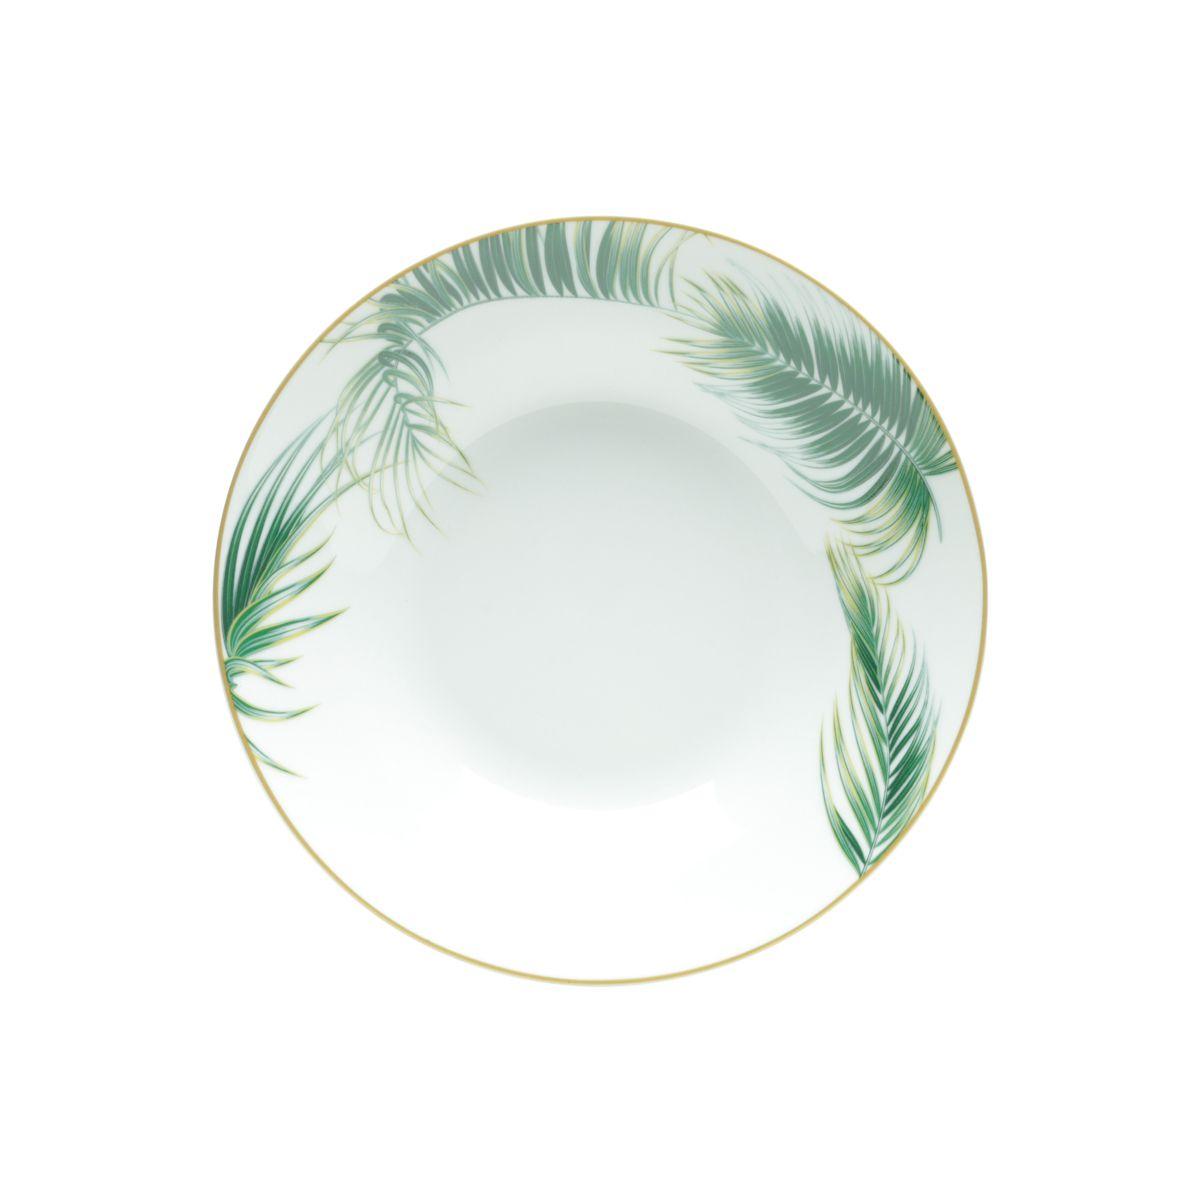 Jogo de Jantar 42pcs super white tropical